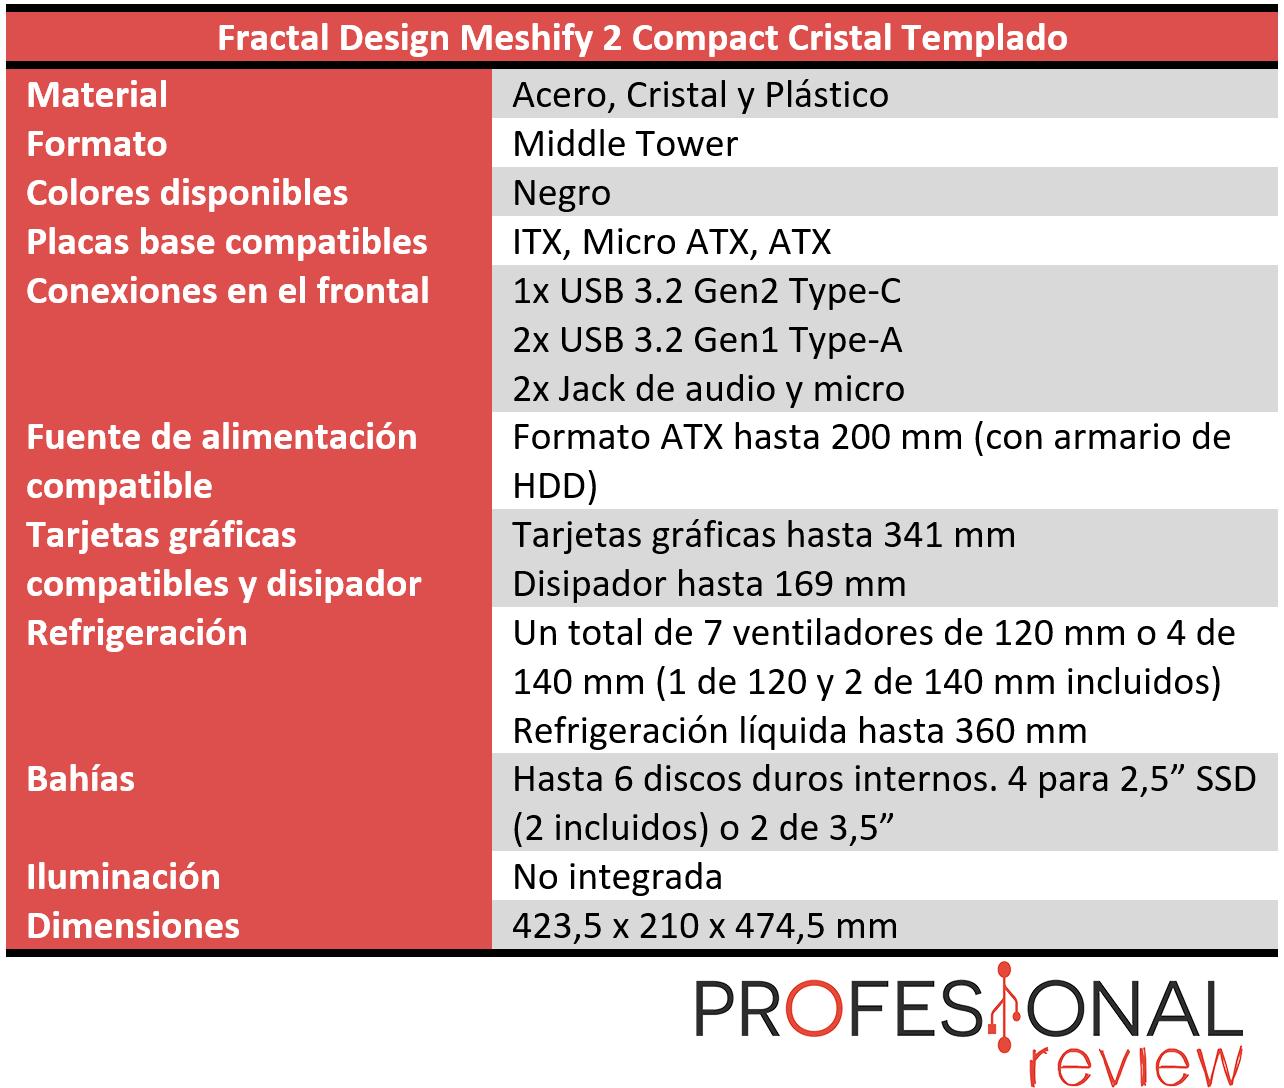 Fractal Design Meshify 2 Compact Características